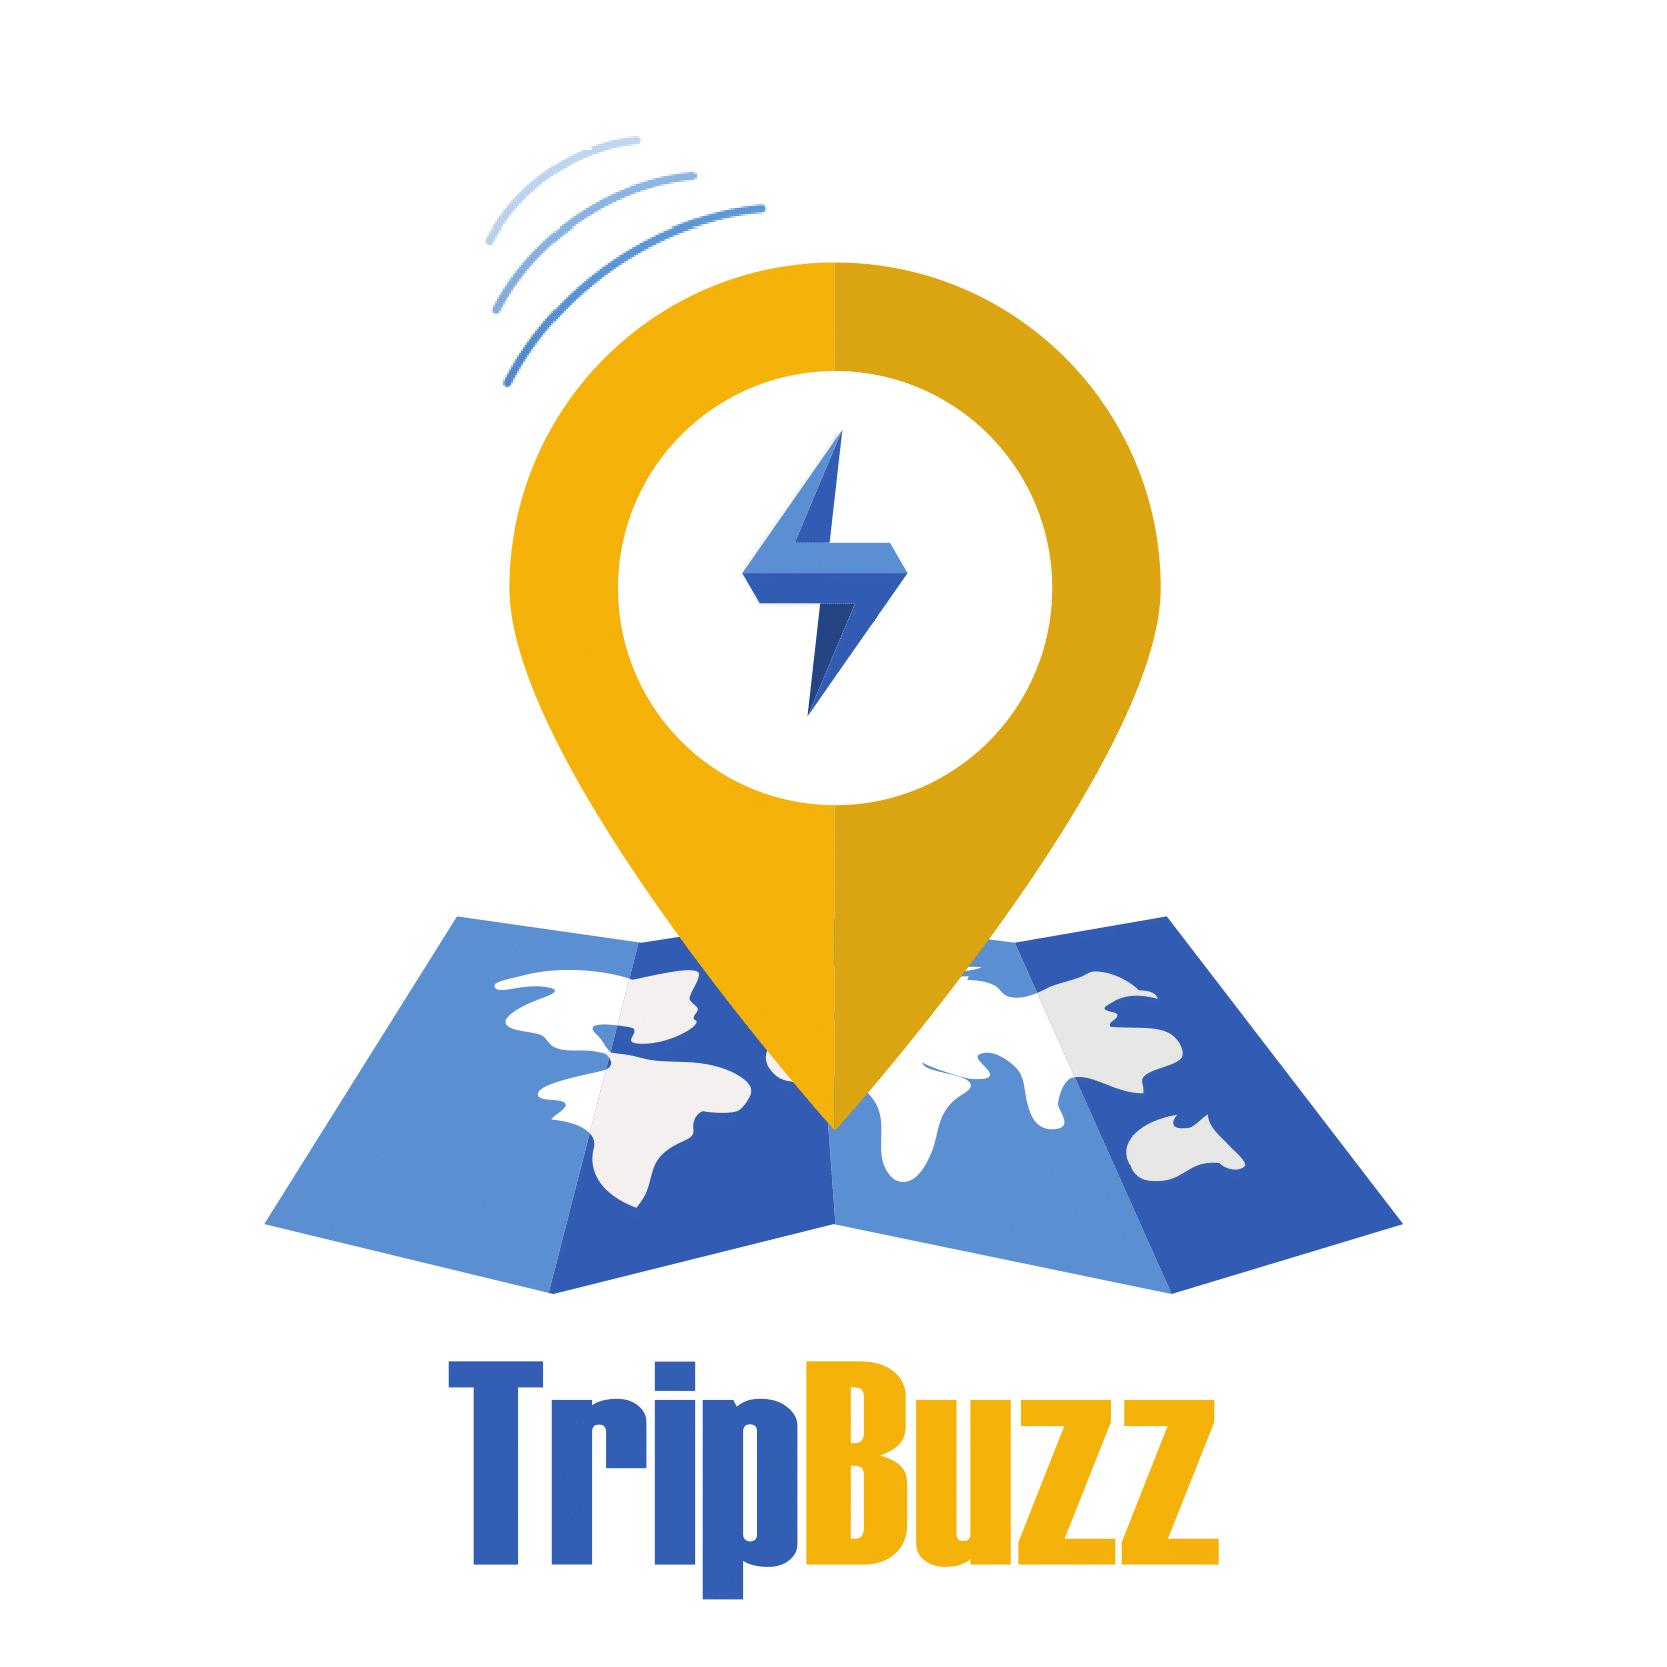 HMI_TripBuzz_Logo_vFA-1.png